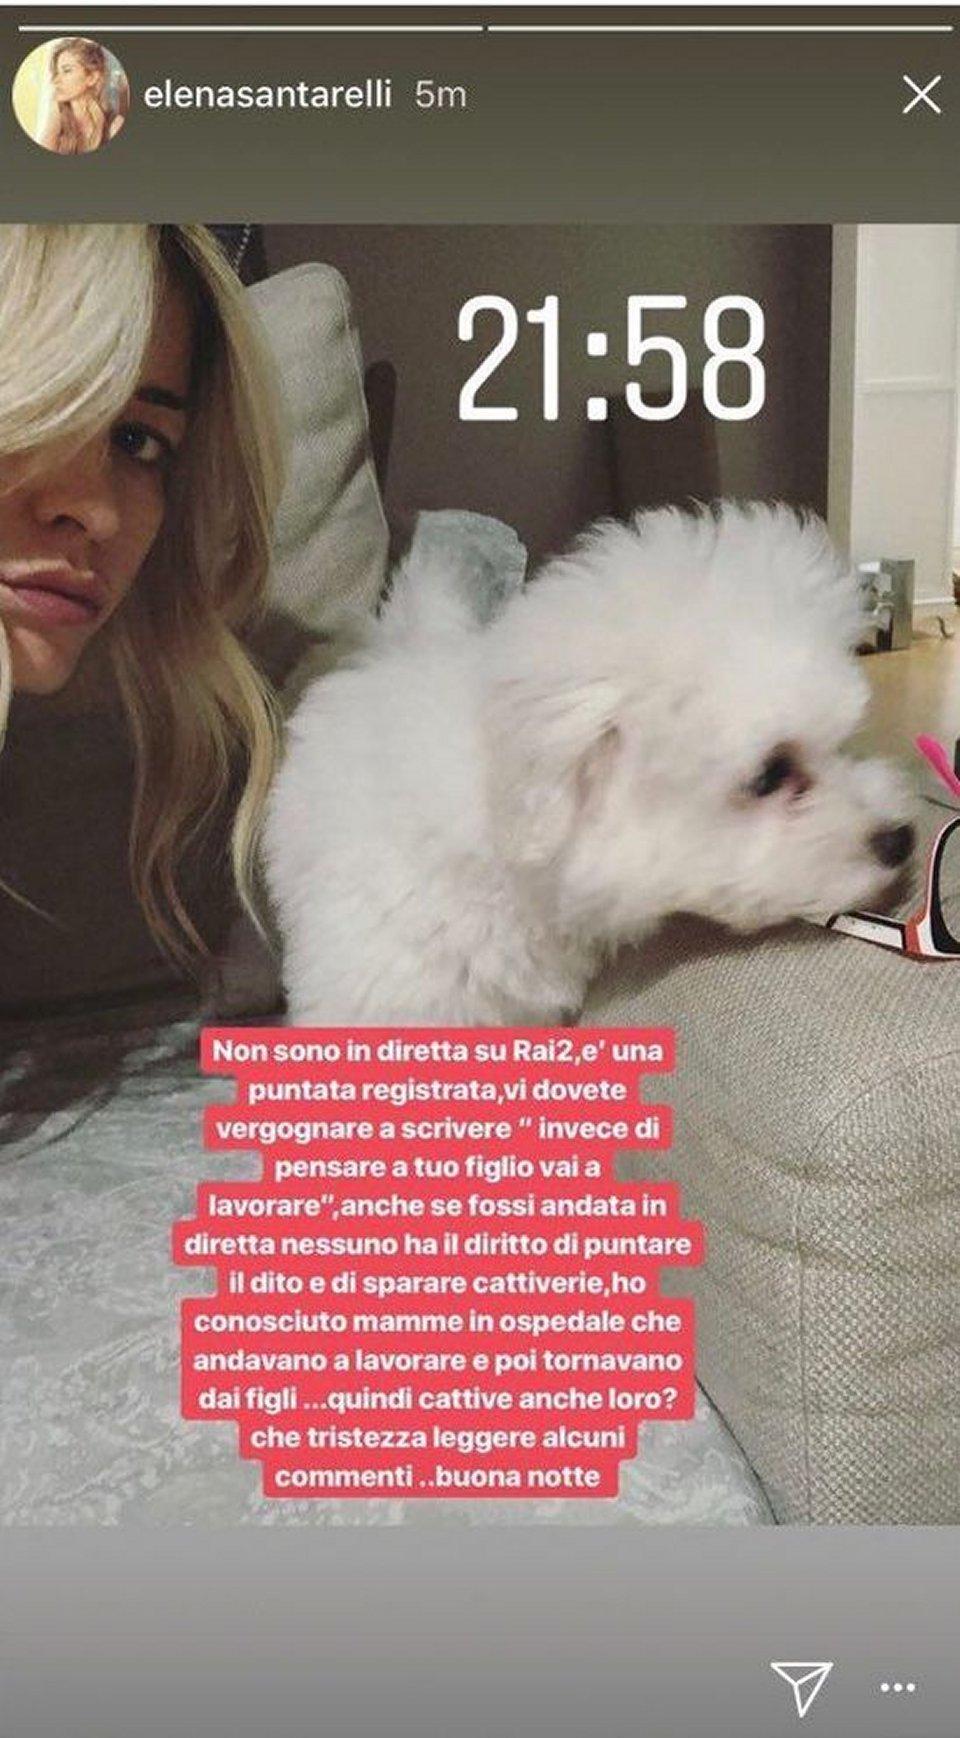 Elena Santarelli accusata di non essere una brava mamma